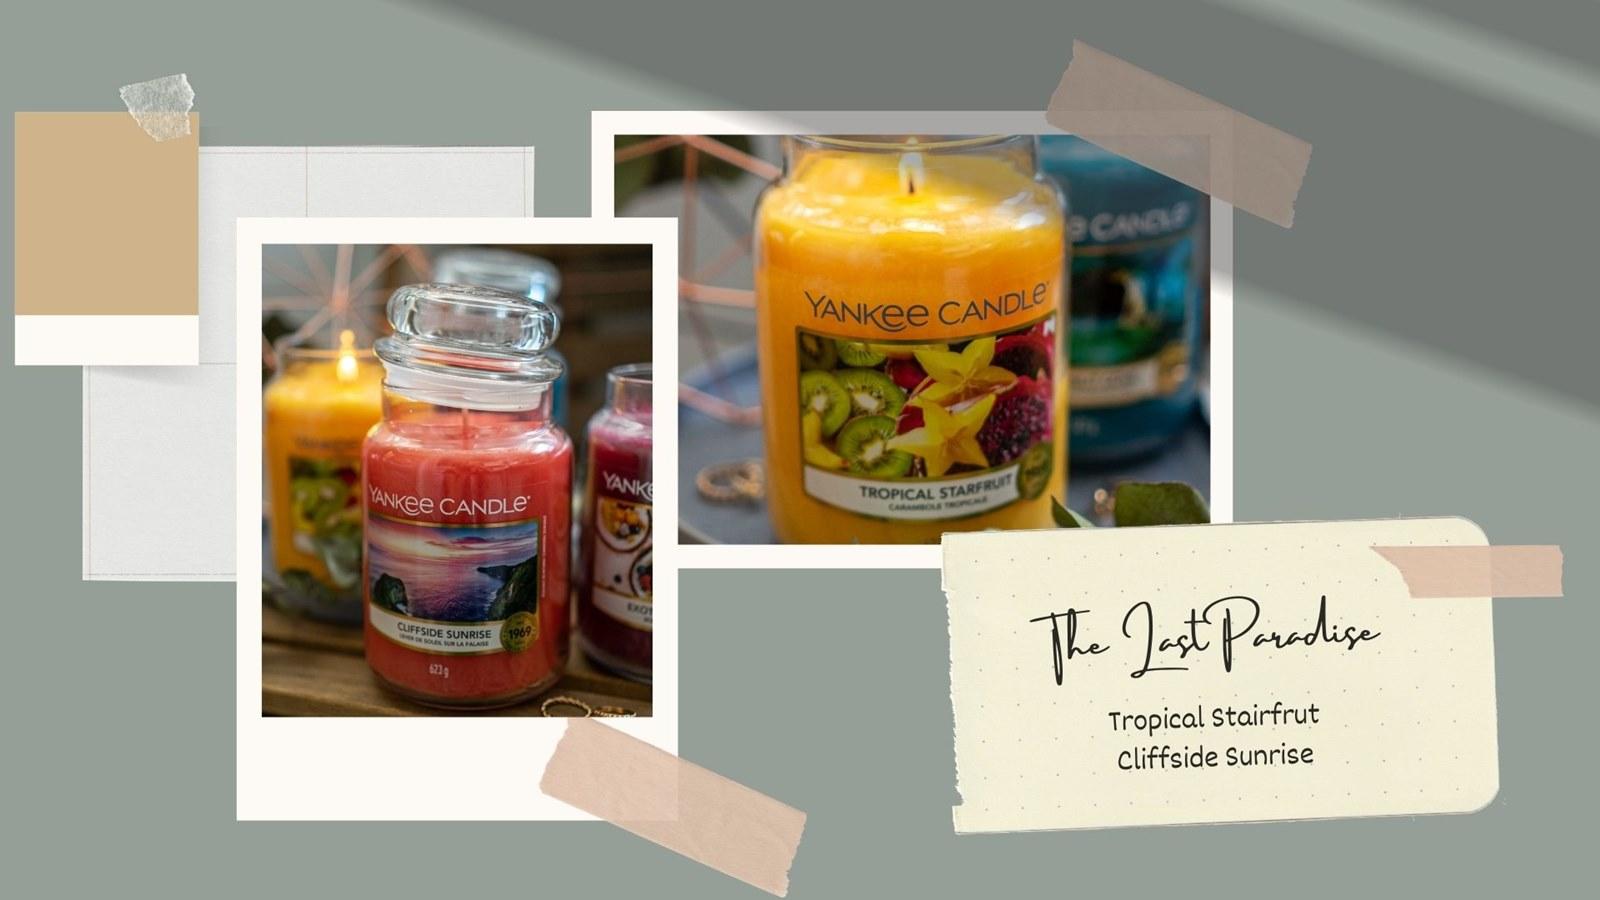 2 Gdzie kupić świece zapachowe w słoikach Yankee Candle do sypialni i do salonu Jak palić świece zapachowe w szkle 6 zasad o których musisz pamiętać!